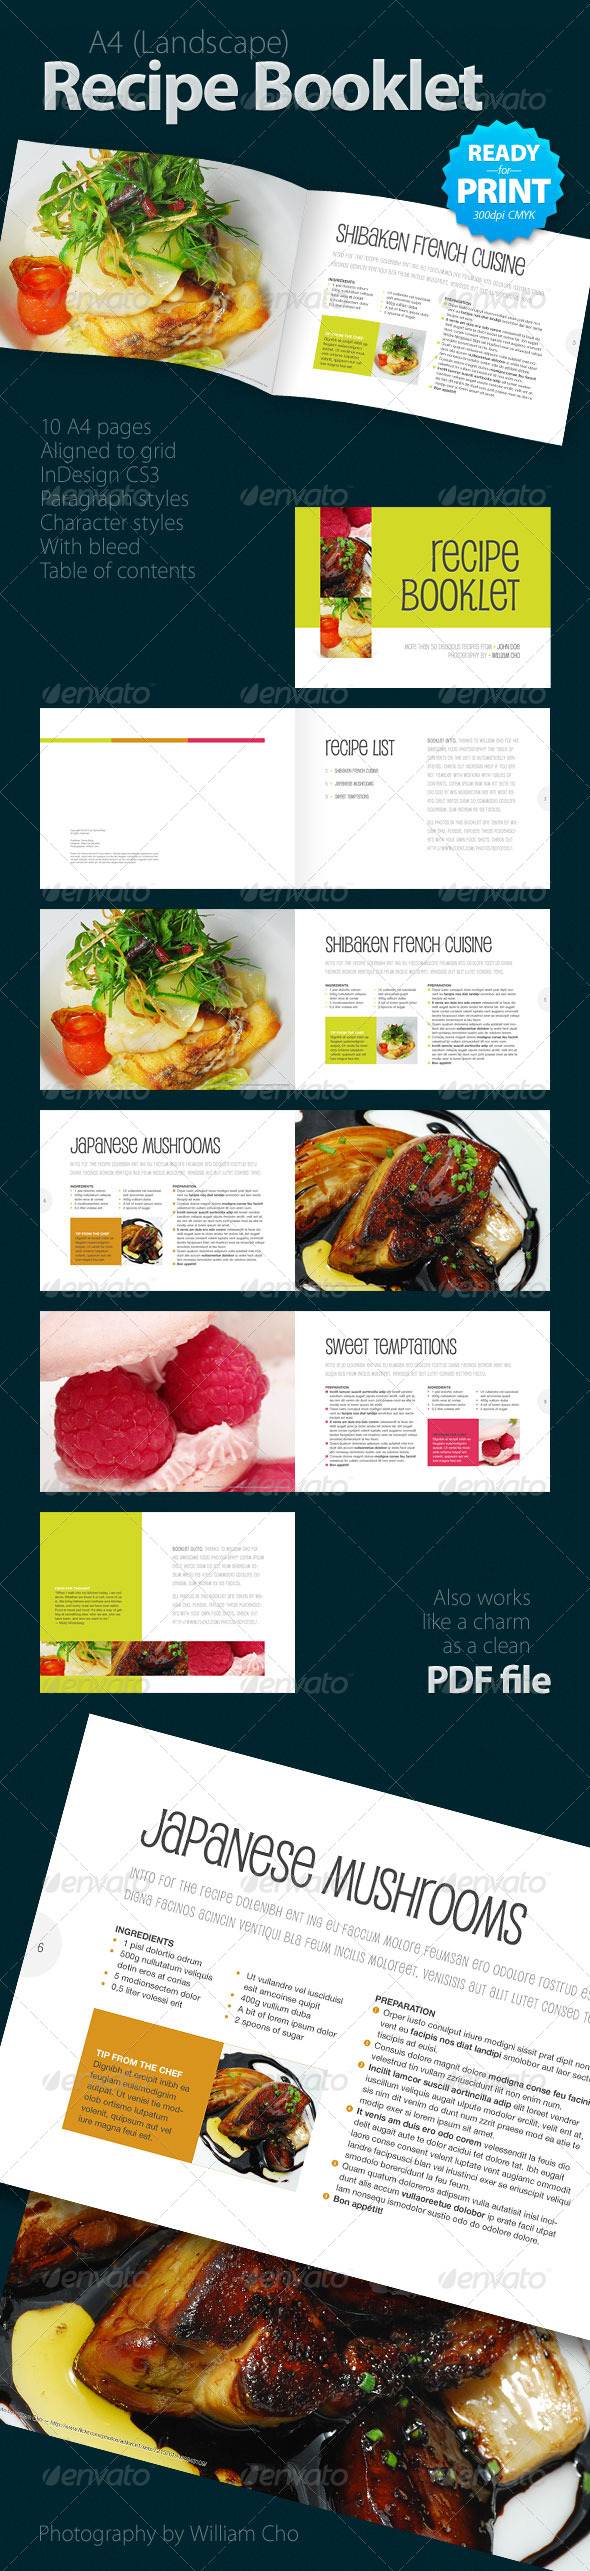 recipe creative booklets design brochures pamphlet